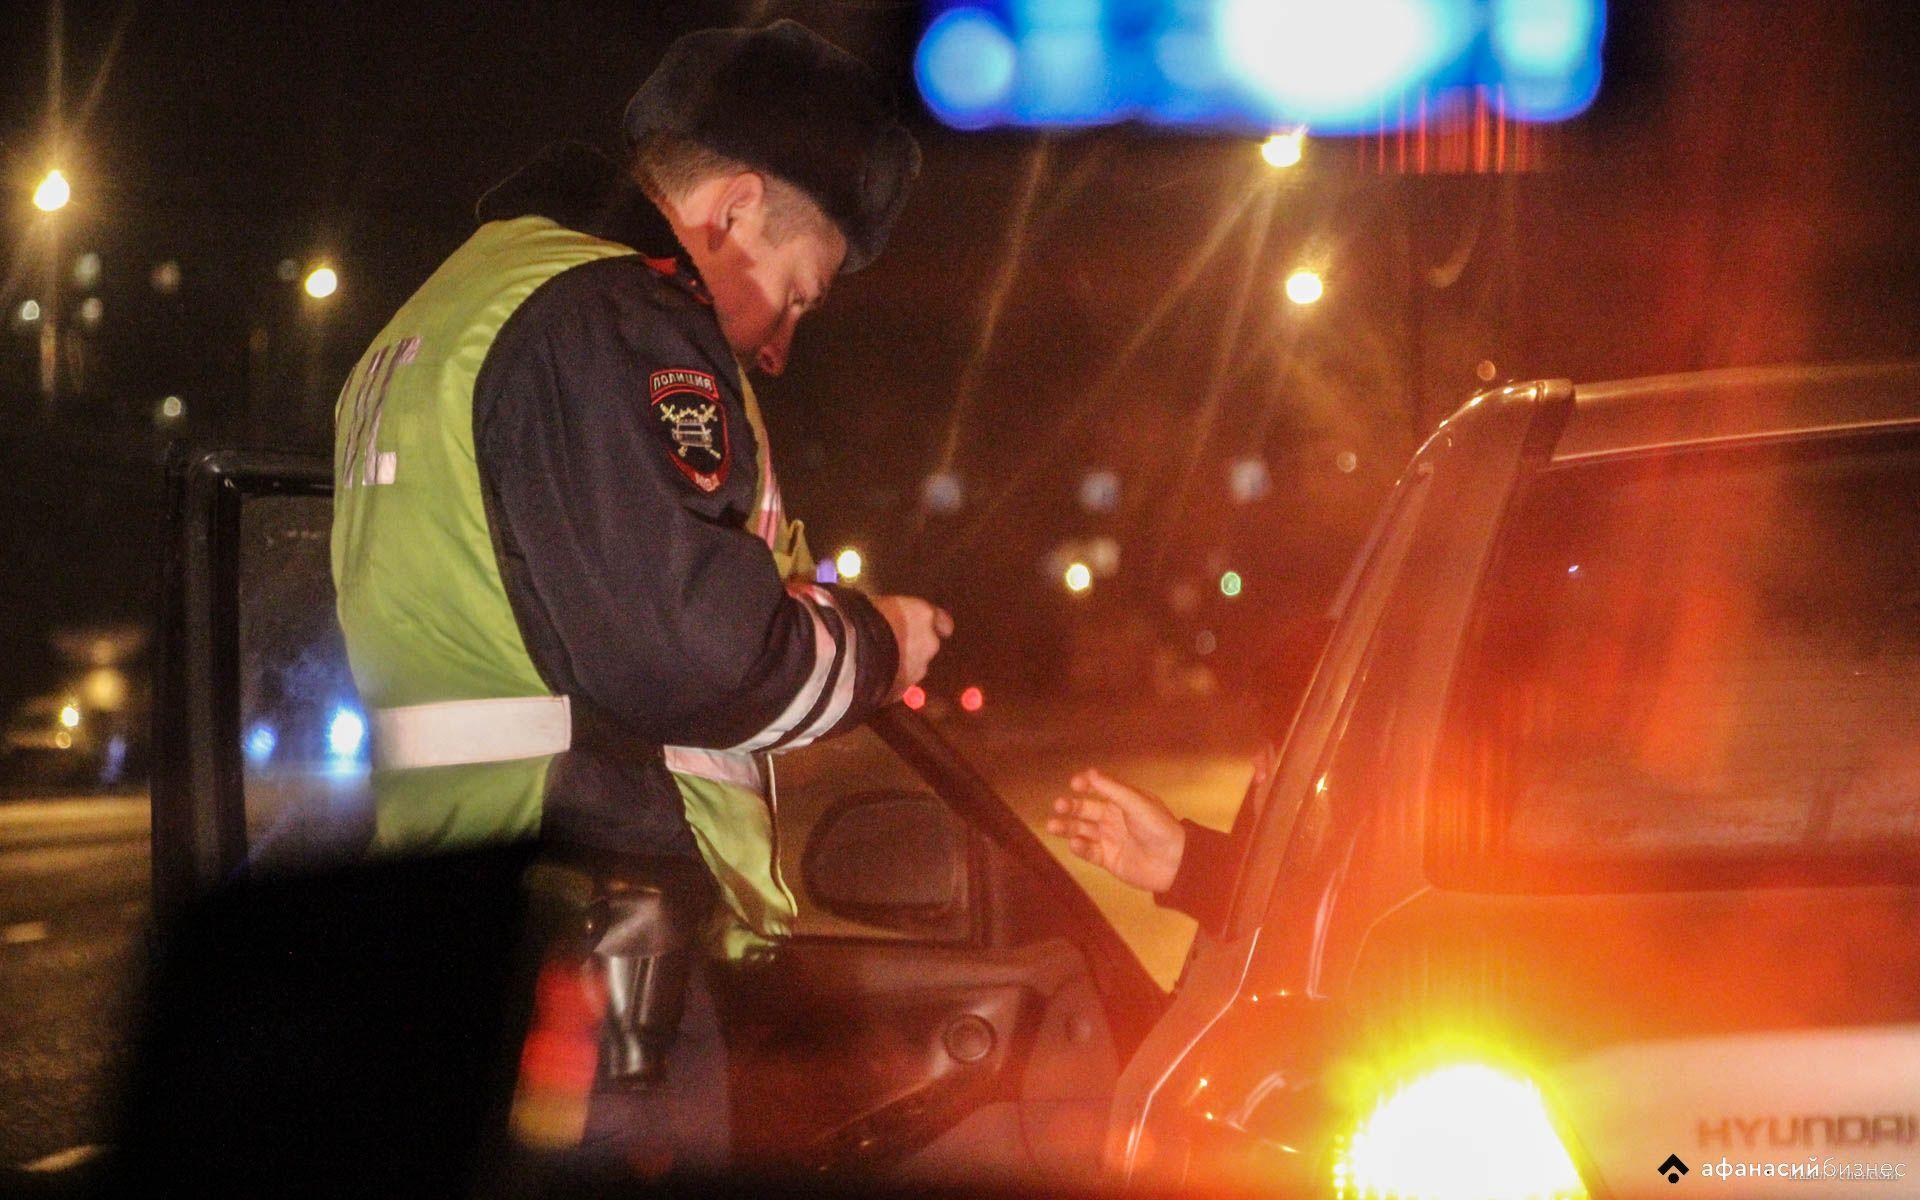 Лишать пьяных водителей прав пожизненно предложили в правительстве - новости Афанасий